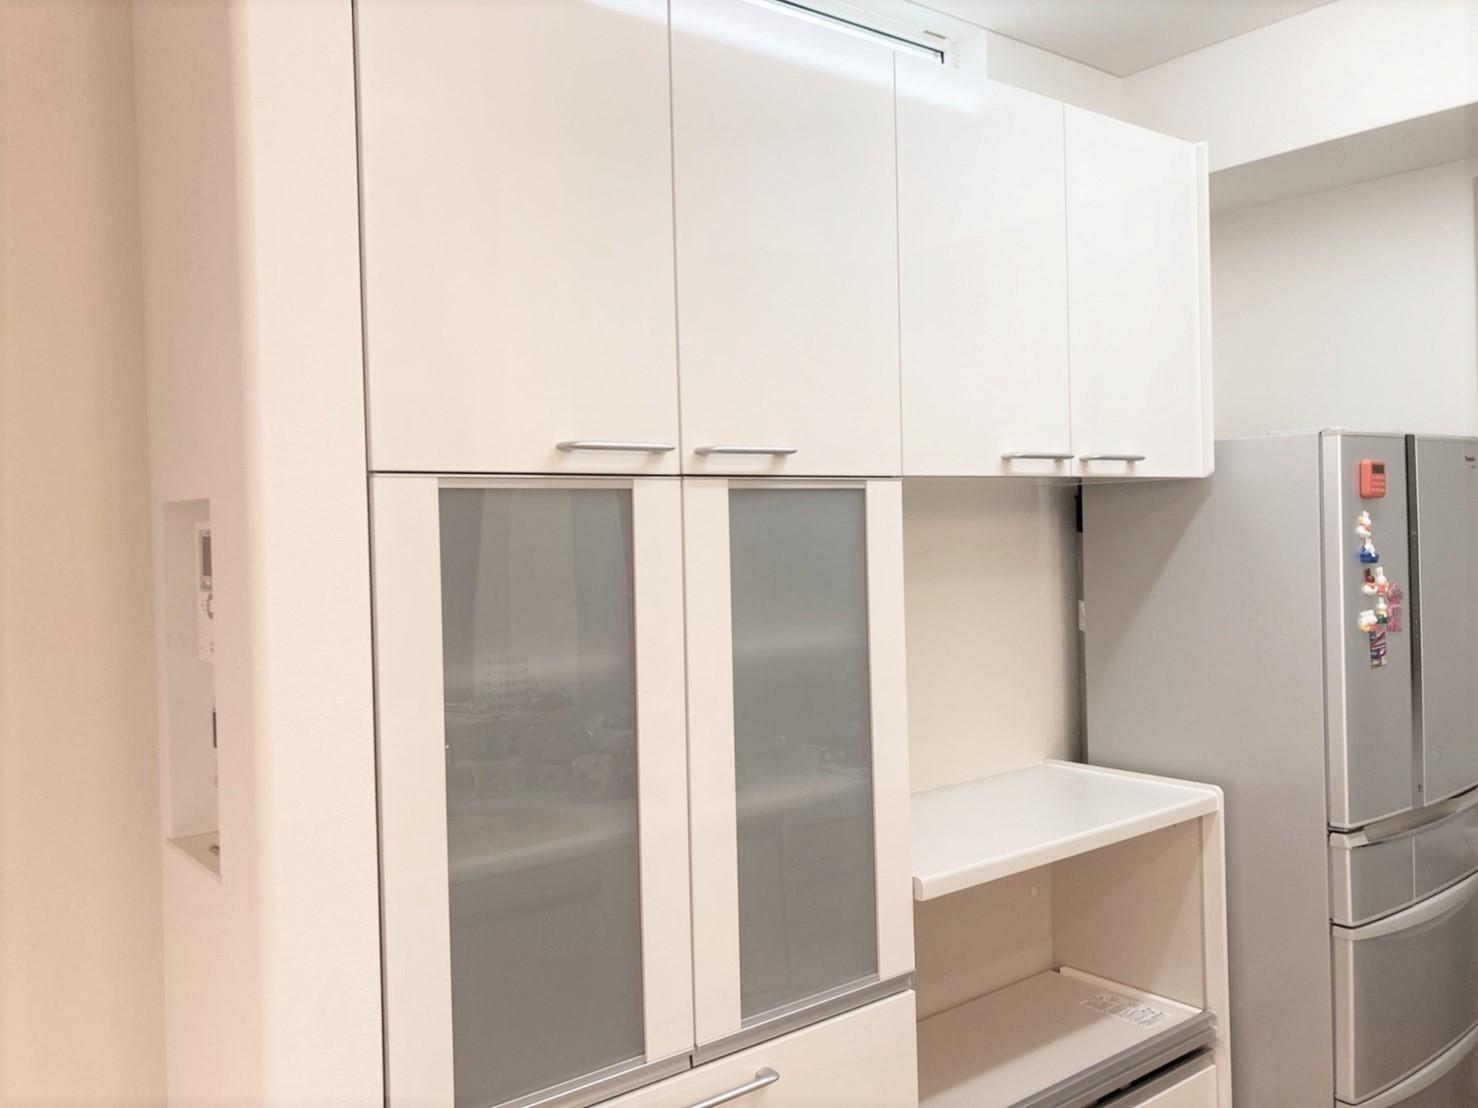 千葉県松戸市F様邸 カップボード新設のキッチンリフォーム